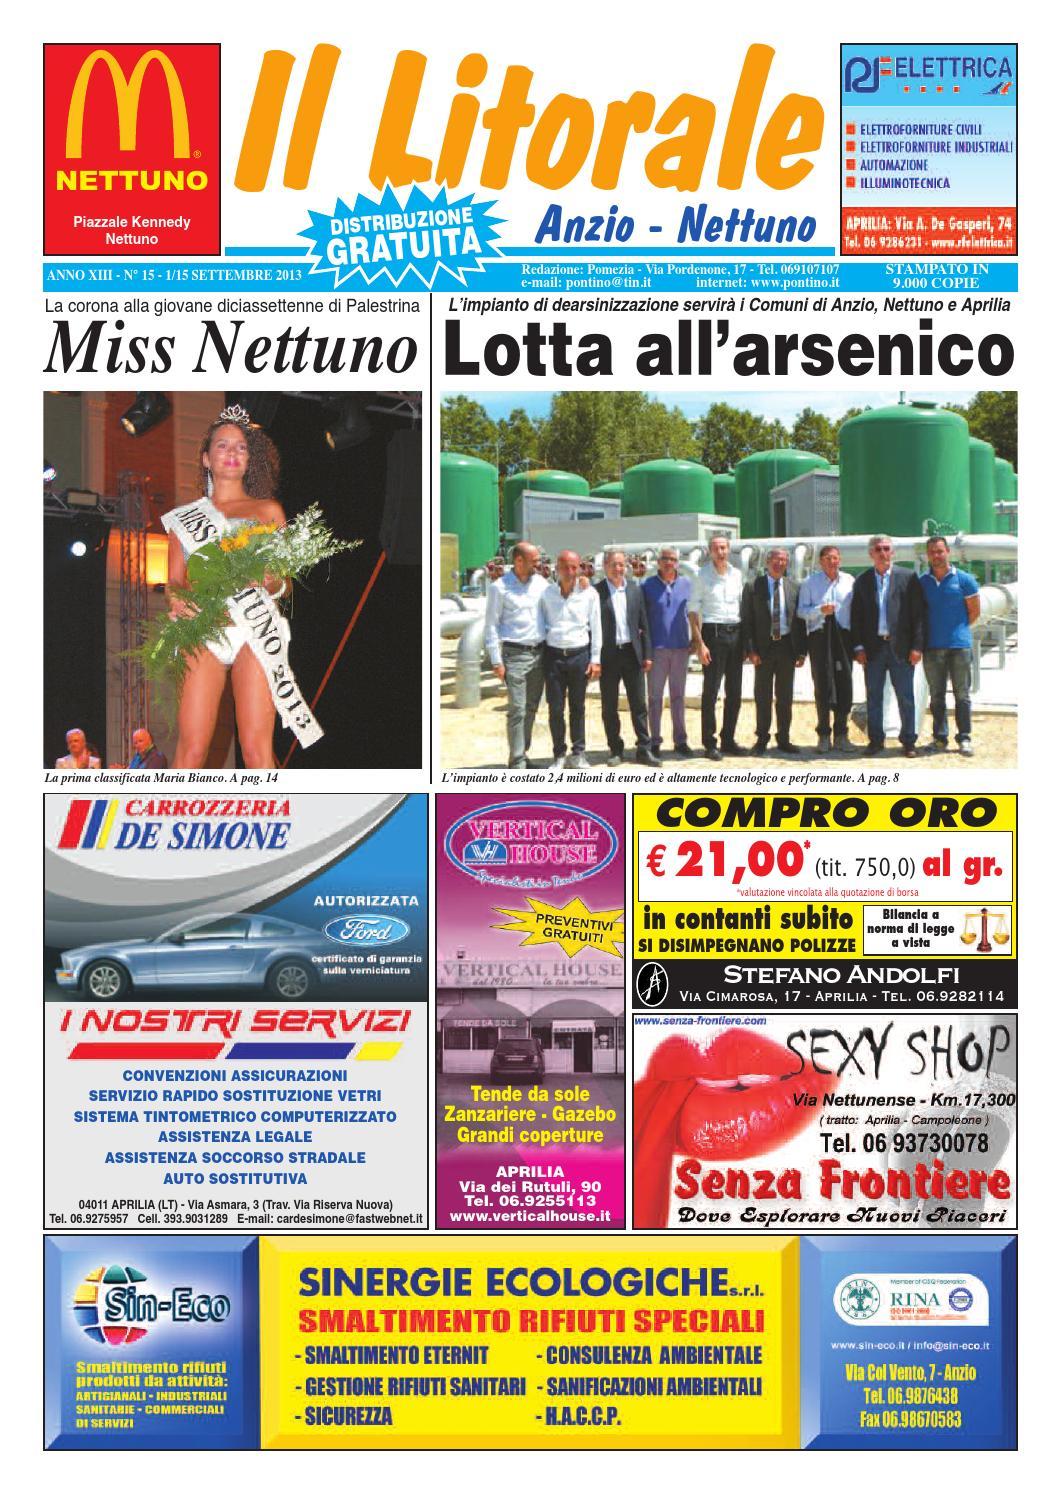 timeless design 99f20 44937 Il litorale n. 15-2013 by Il Pontino Nuovo, Aprilia - Il Litorale 2013 -  issuu